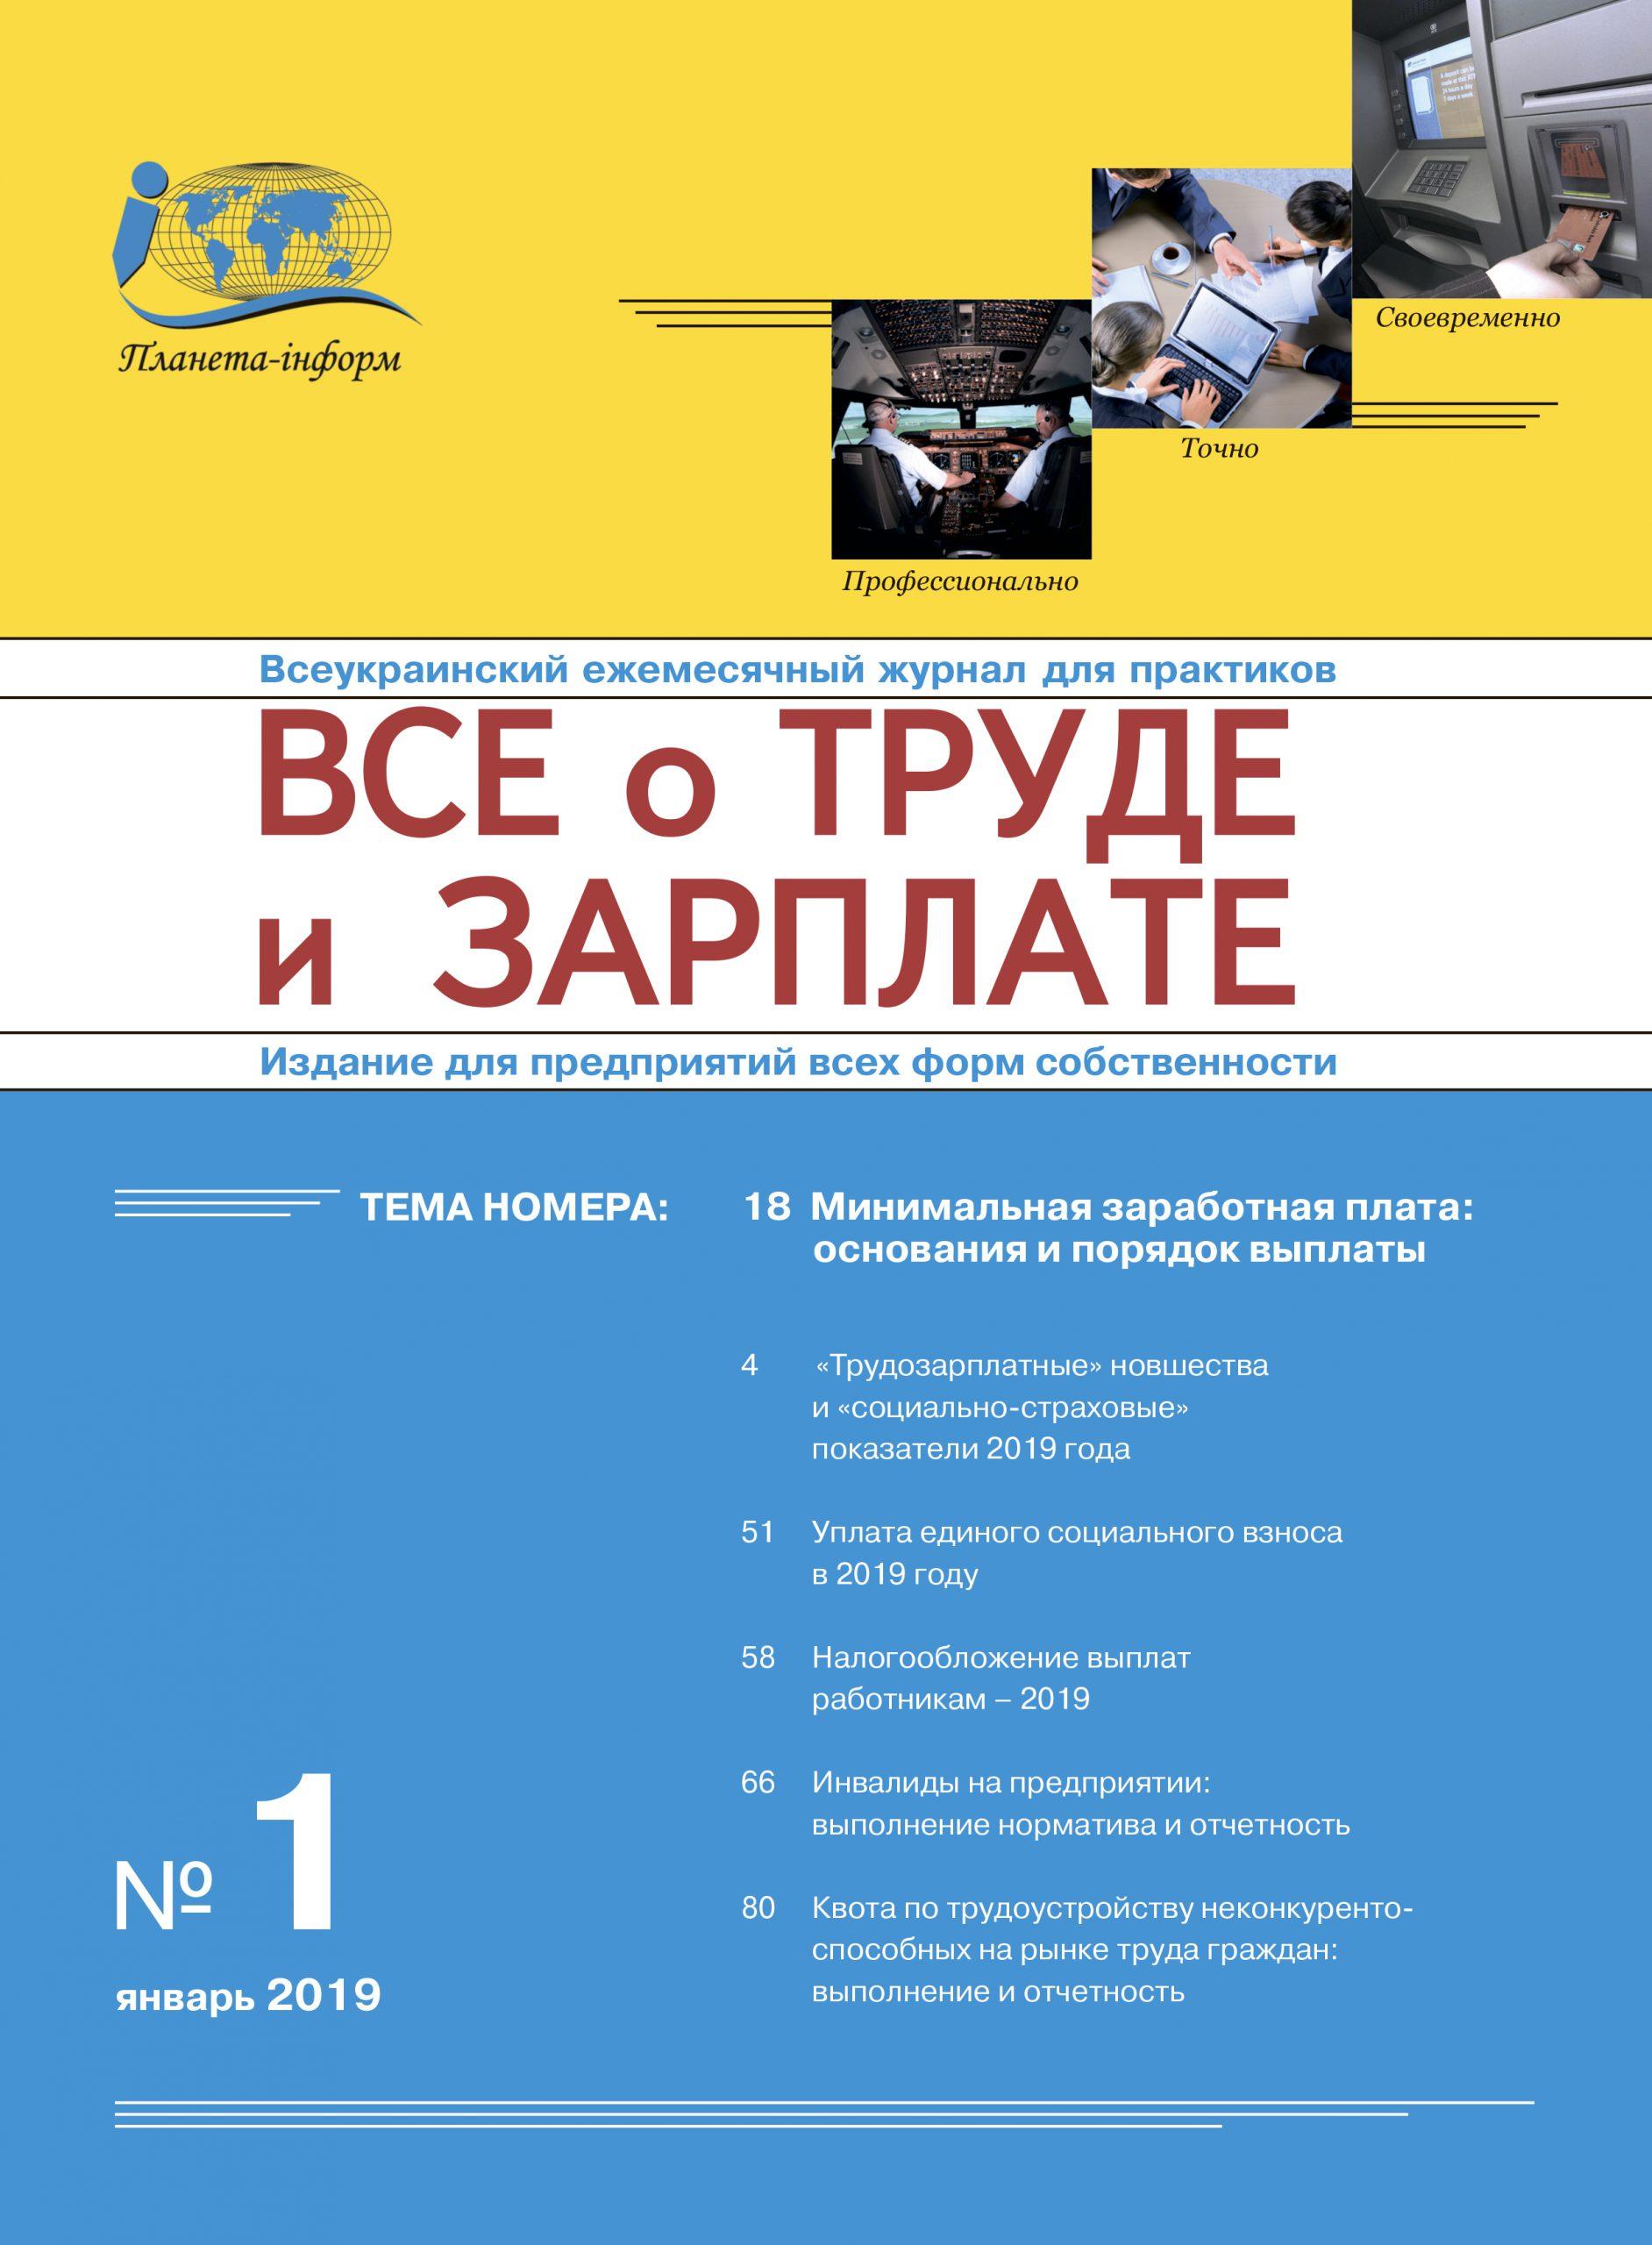 Журнал «Все о труде и зарплате»  № 1/2019